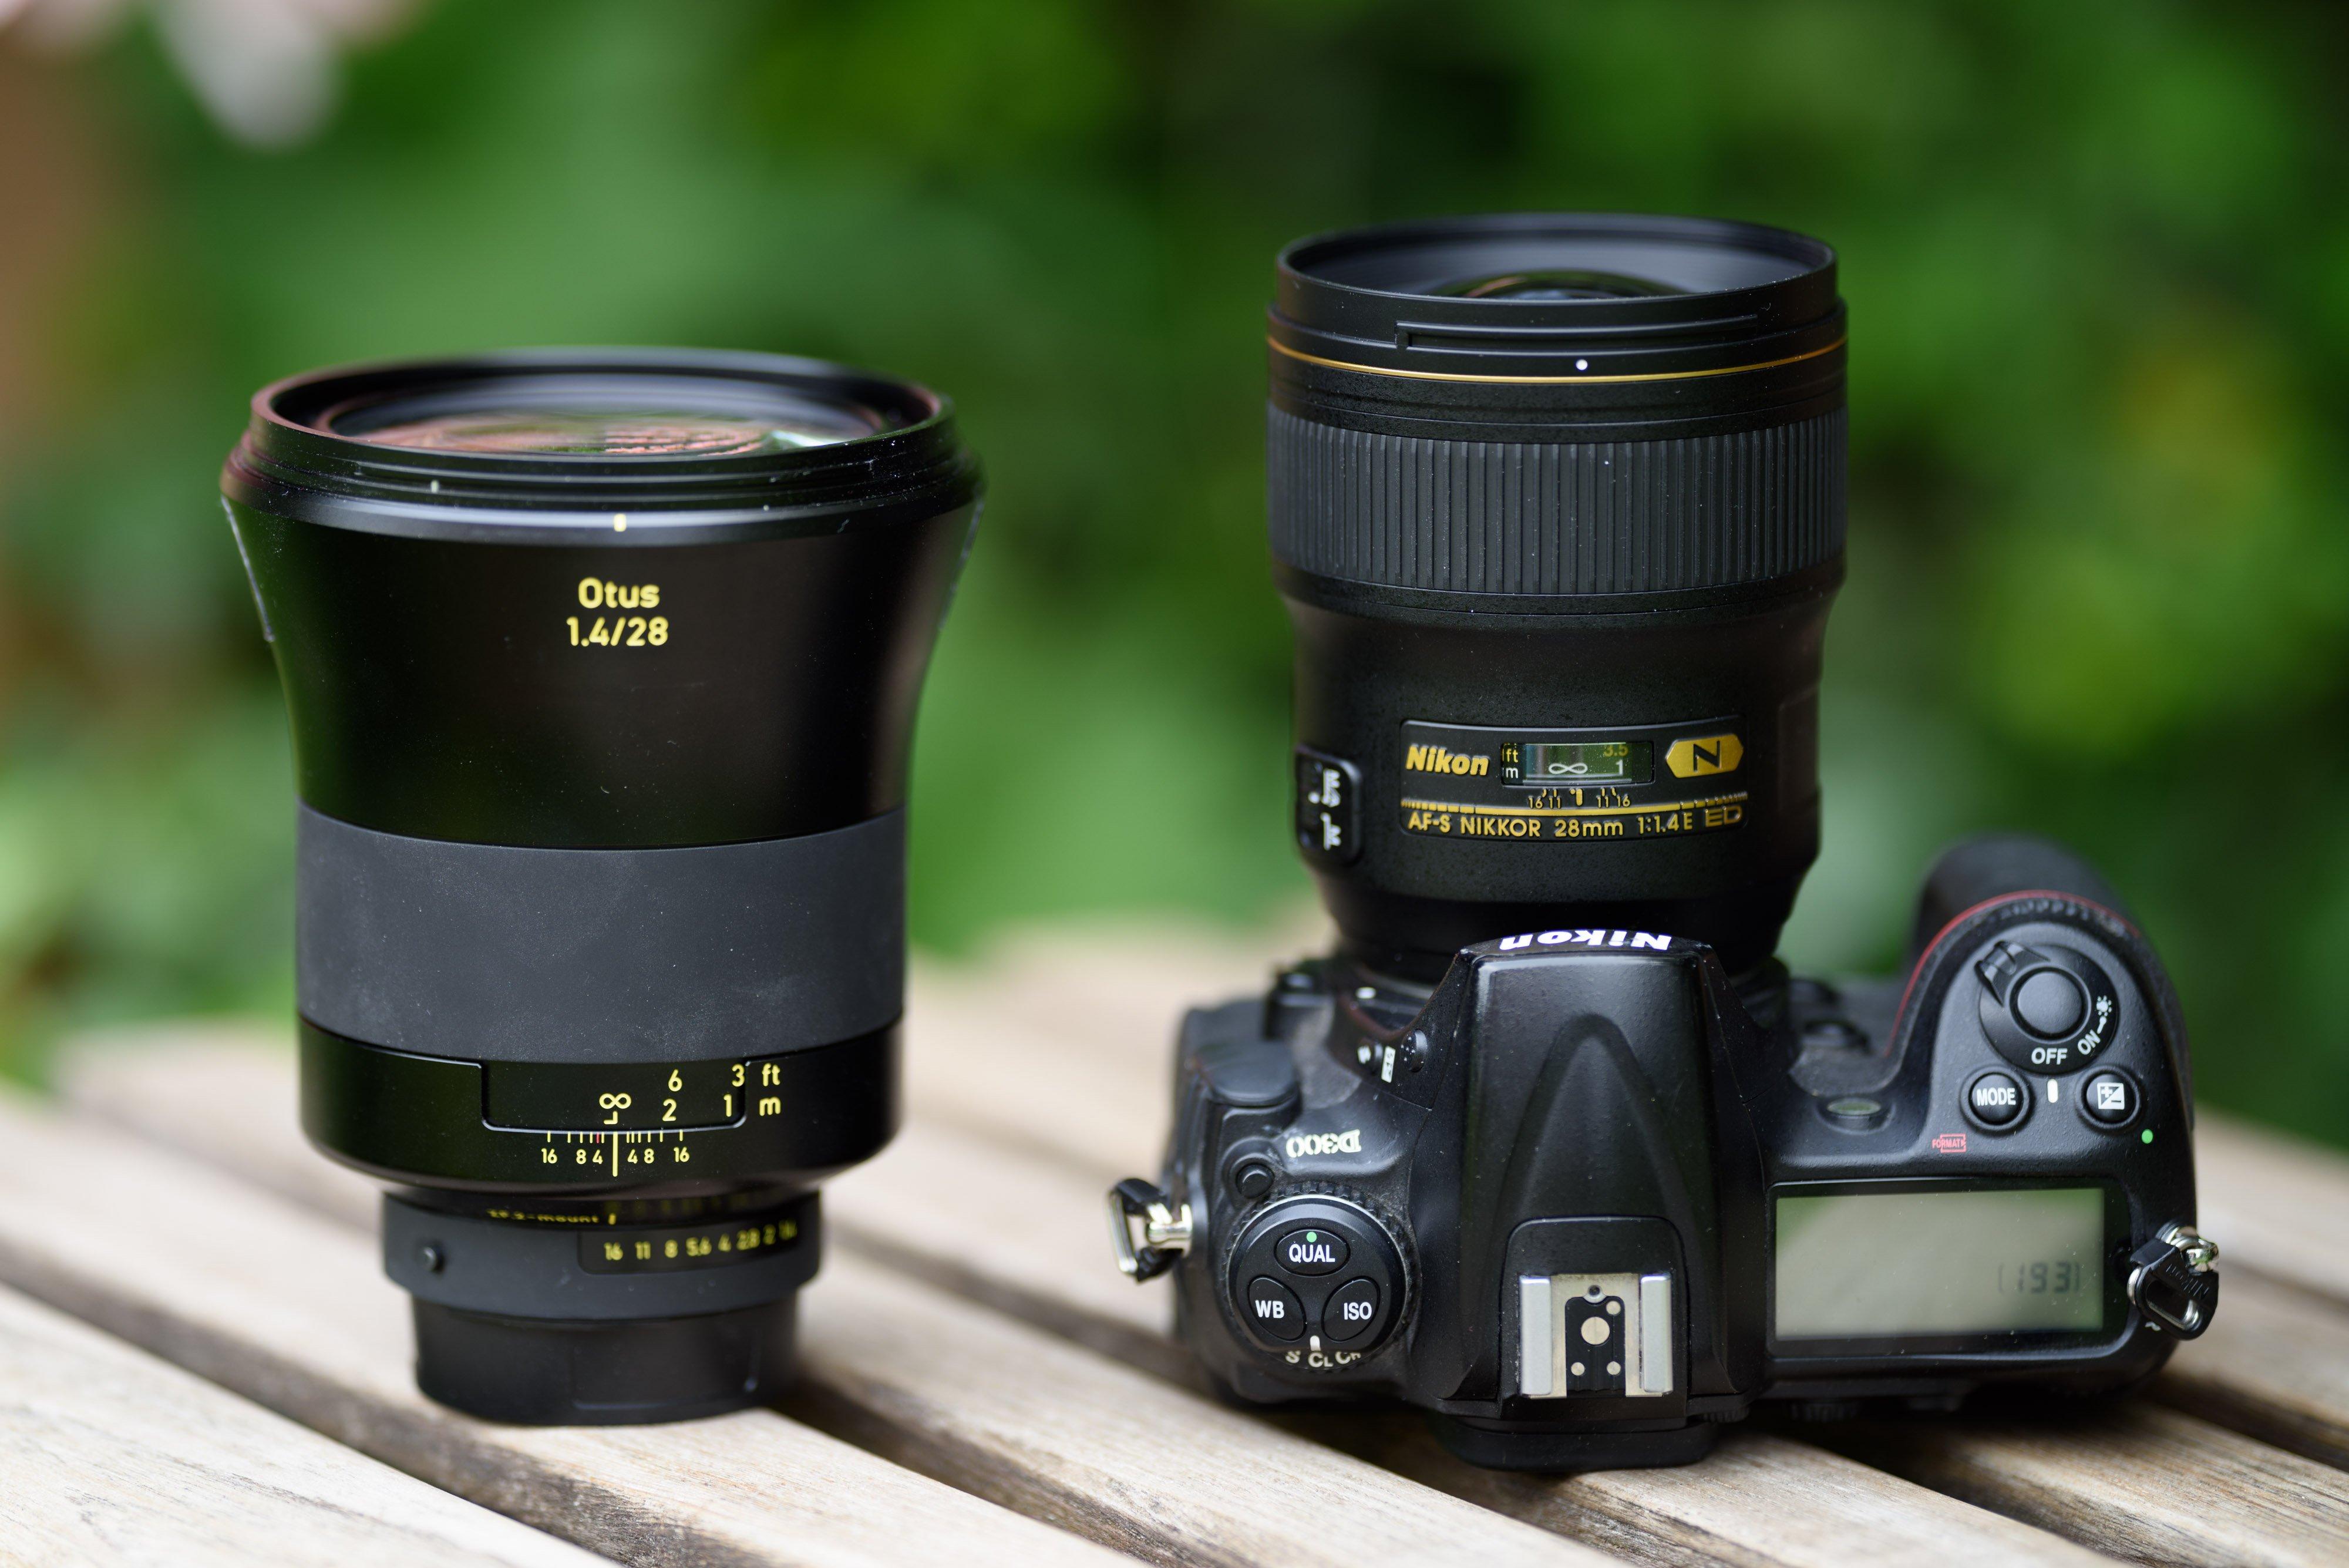 NIKON AF-S NIKKOR 28mm F/1.8 G - FOTOGRAFIA NADIR MAGAZINE